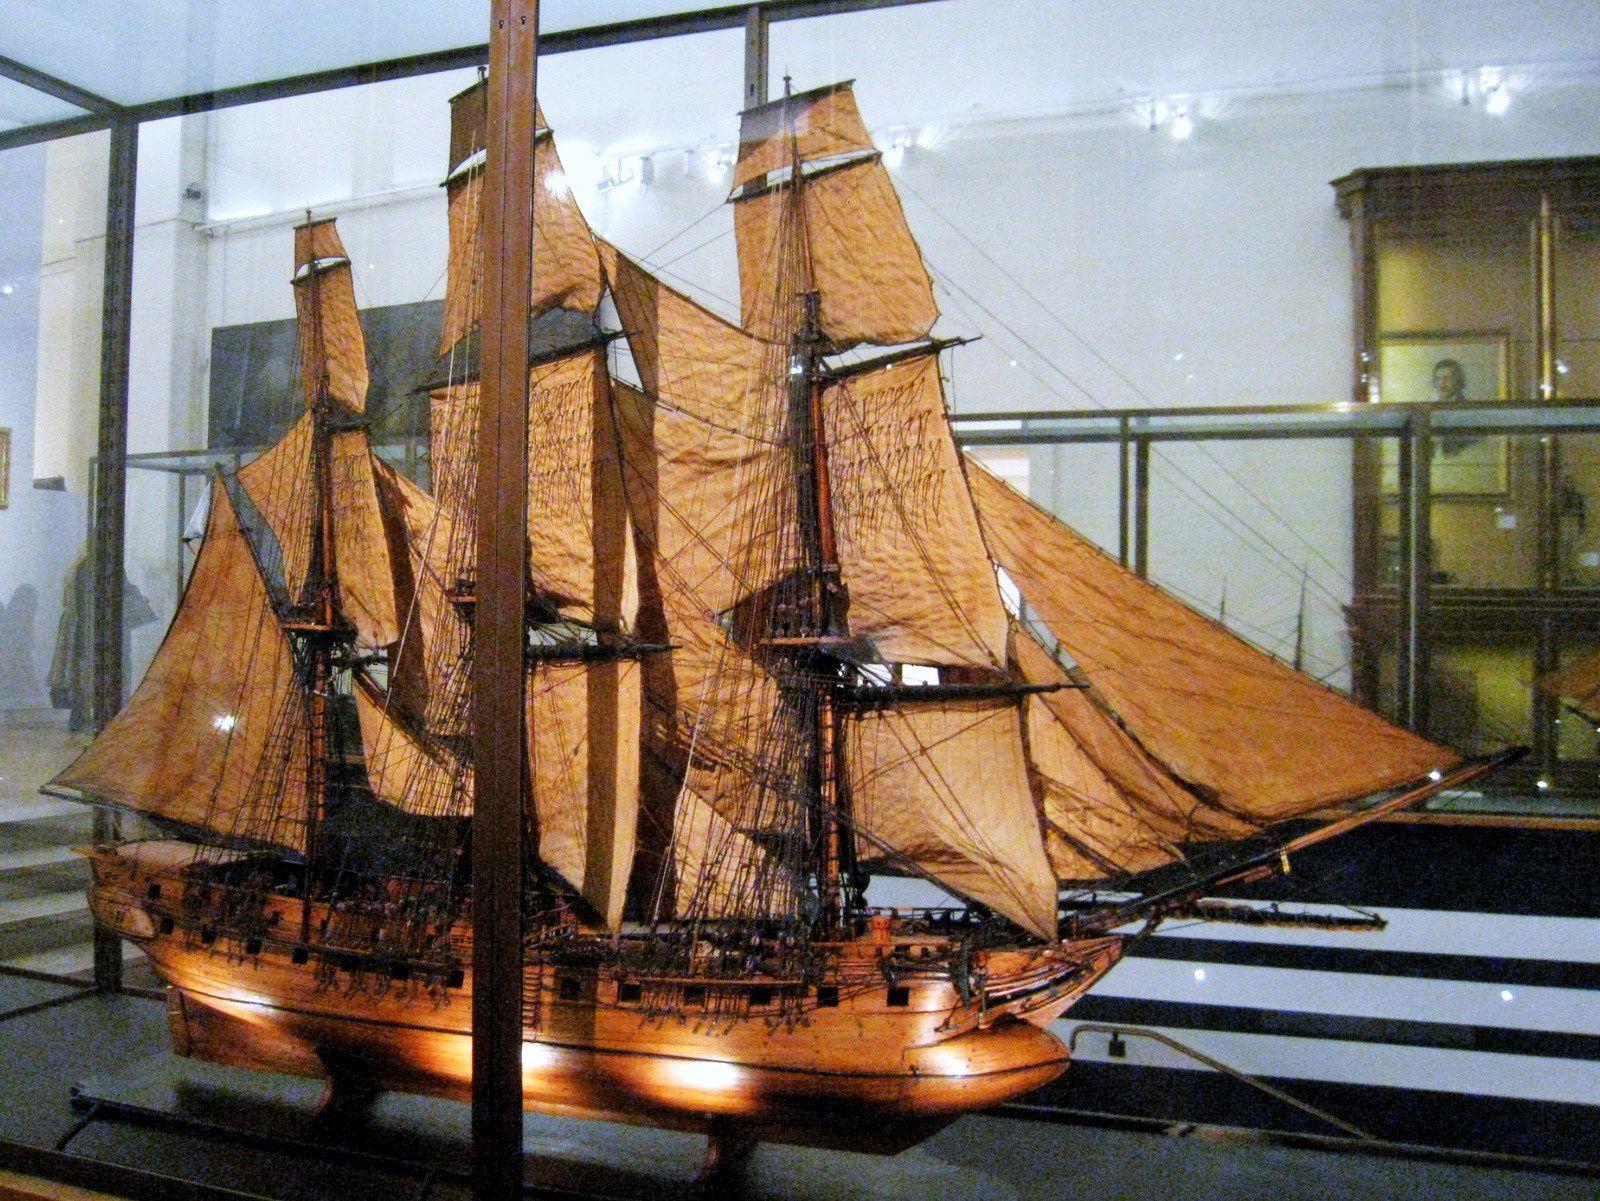 Projet de bâtiment d'exploration polaire, fin XVIIIe siècle